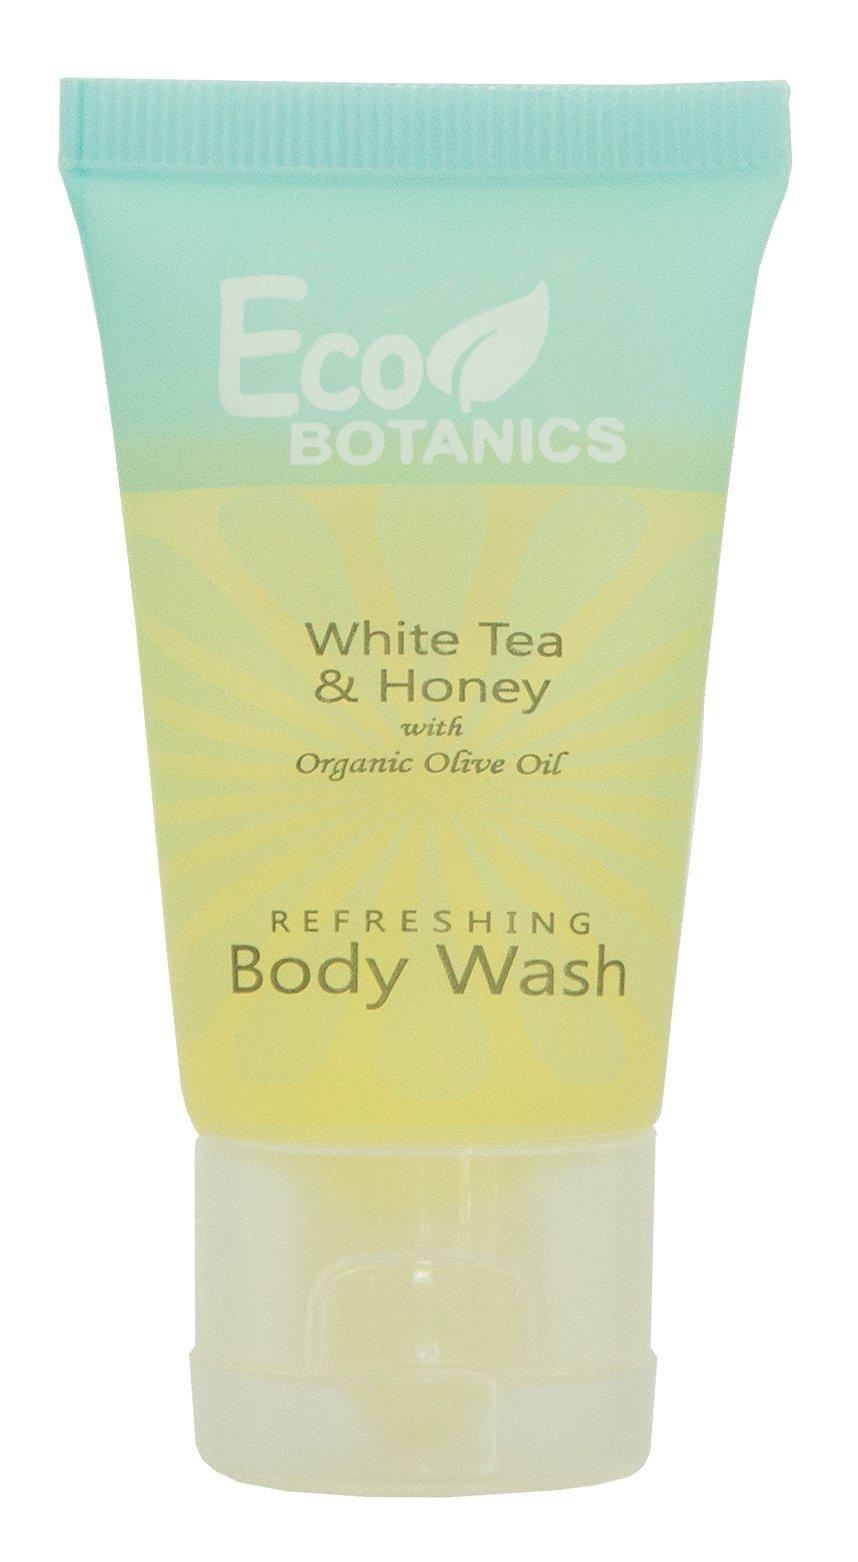 Eco Botanics Travel-Size Hotel Body Wash Soap, 1 oz. (Case of 300)